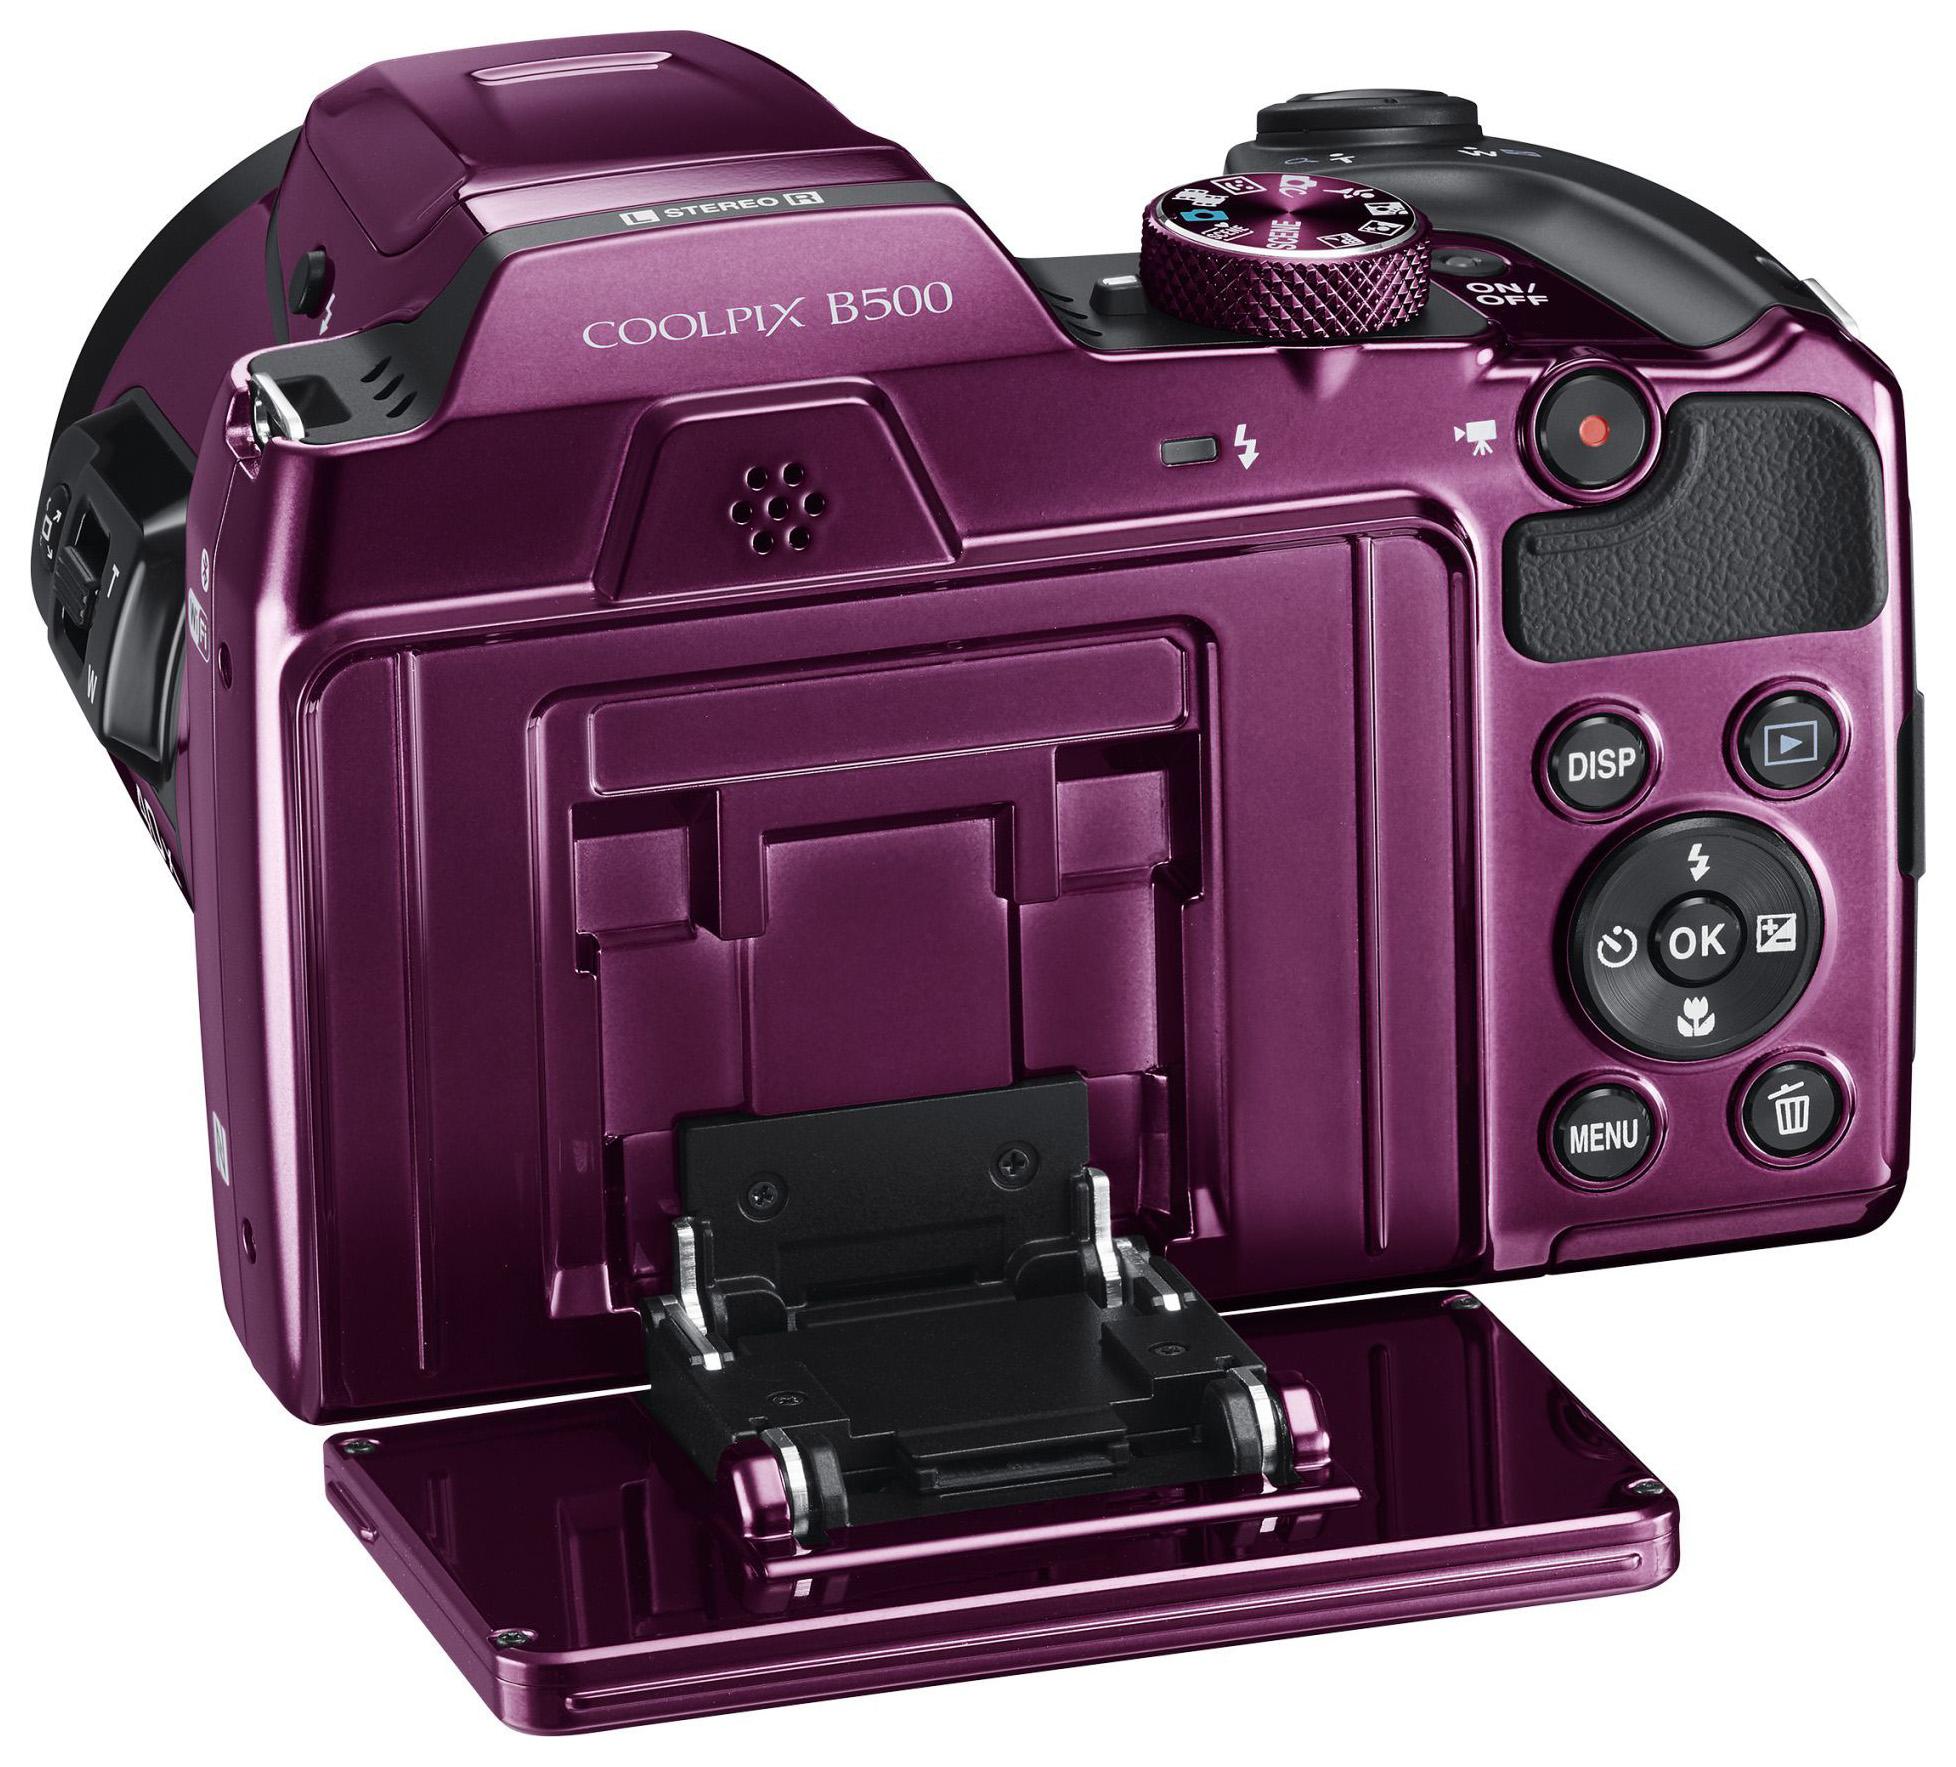 закуска цифровые фотоаппараты в медиа маркт романе